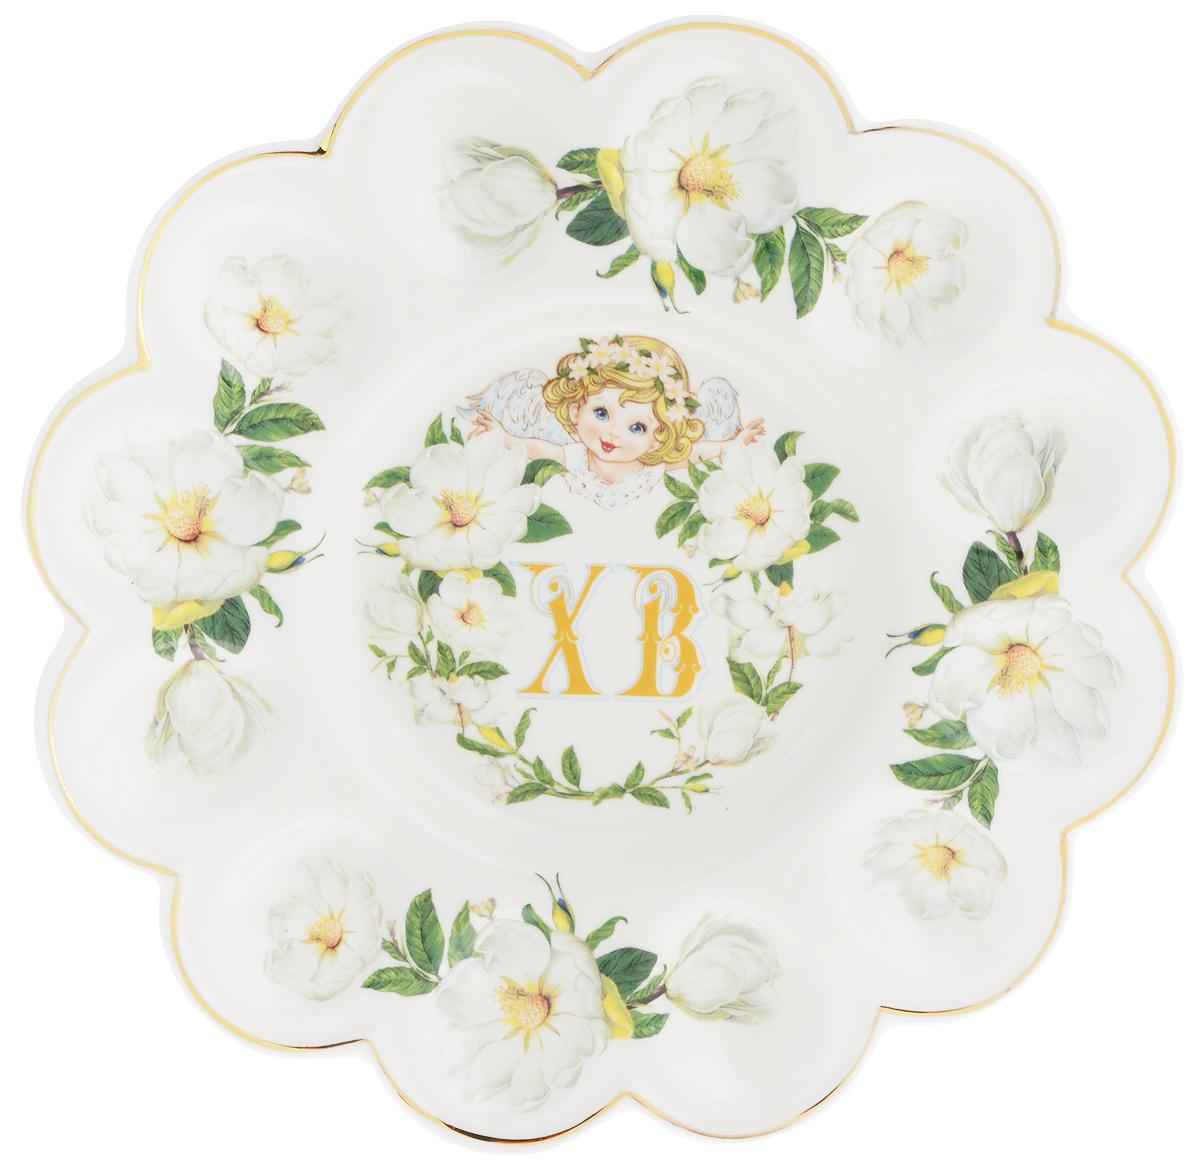 Тарелка для фаршированных яиц Elan Gallery ХВ. Белый шиповник, диаметр 24 см115610Тарелка для фаршированных яиц Elan Gallery ХВ. Белый шиповник, изготовленная из высококачественной керамики, украсит ваш праздничный стол. На изделии имеются специальные углубления для 12 яиц. Тарелка оформлена цветочным рисунком.Такая тарелка украсит сервировку вашего стола и подчеркнет прекрасный вкус хозяйки. Не рекомендуется применять абразивные моющие средства. Не использовать в микроволновой печи.